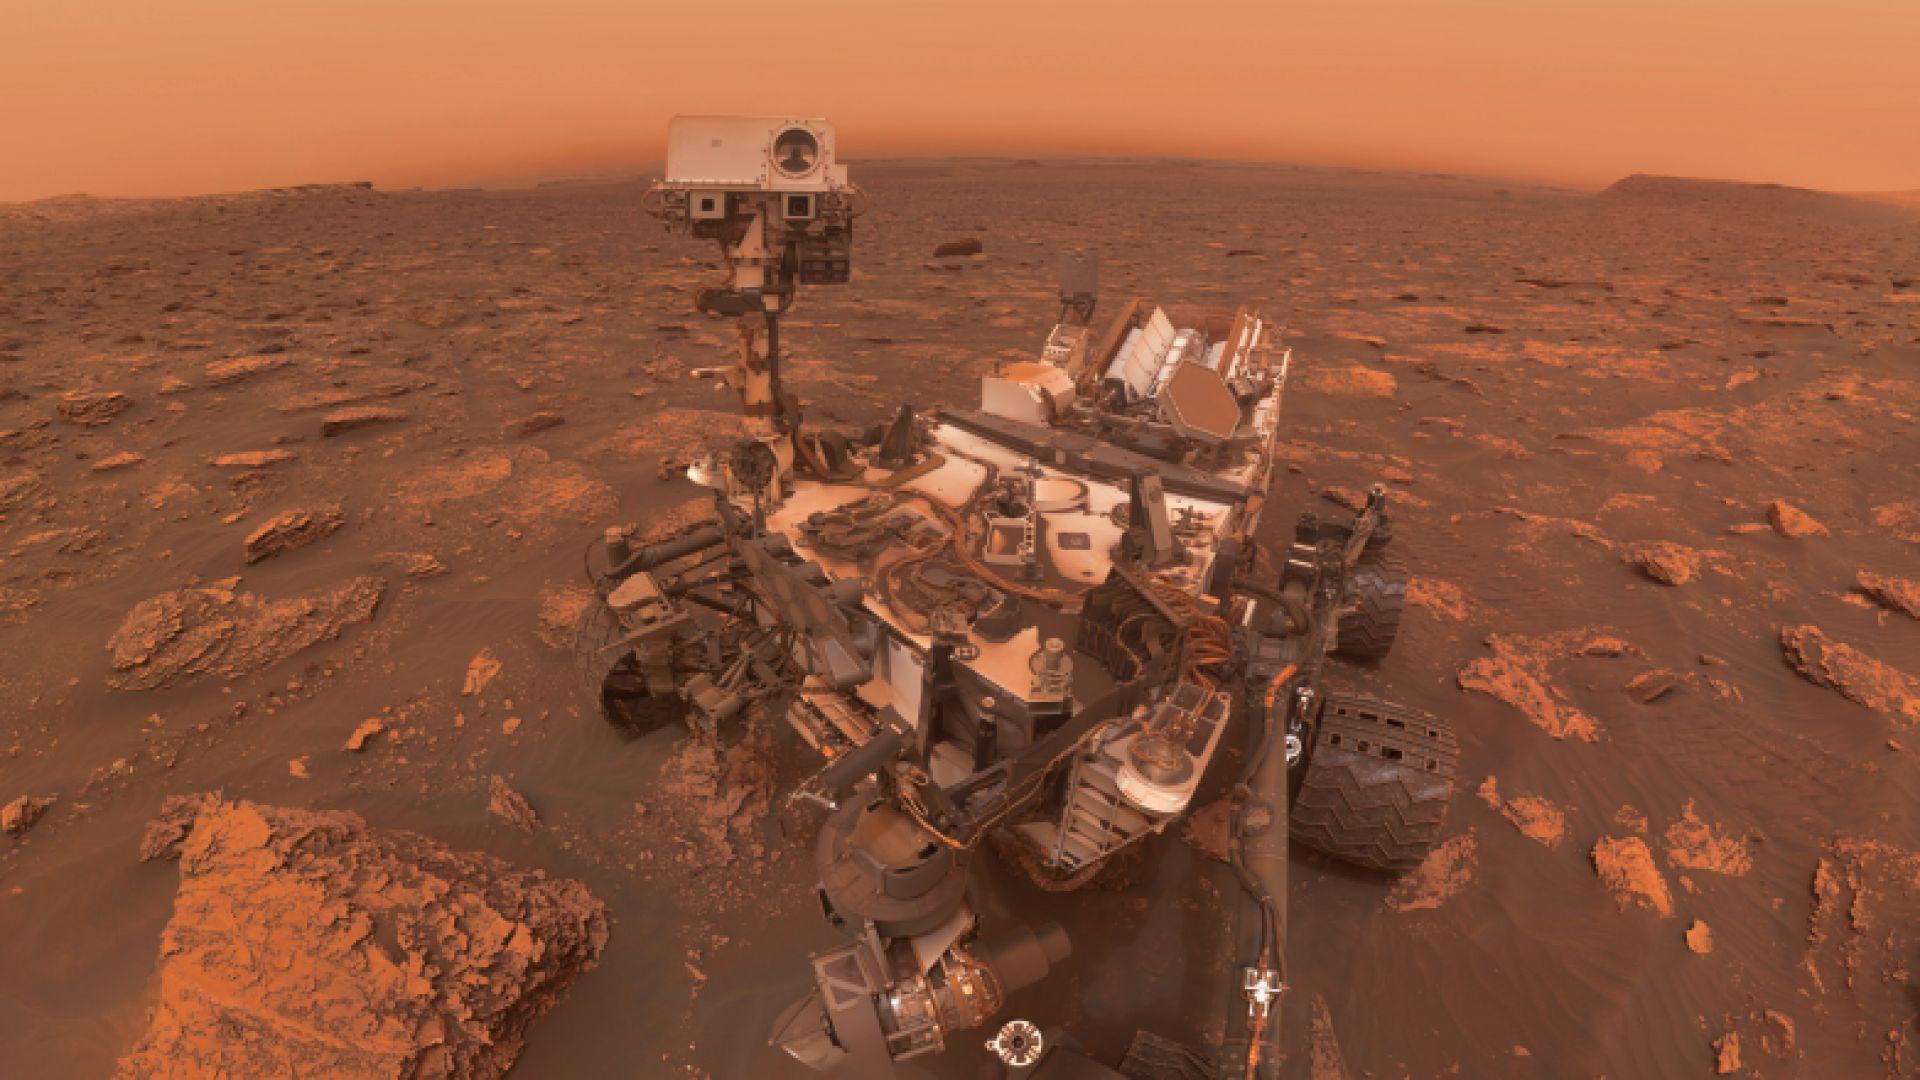 НАСА иска пари, за да върне скални проби от Марс